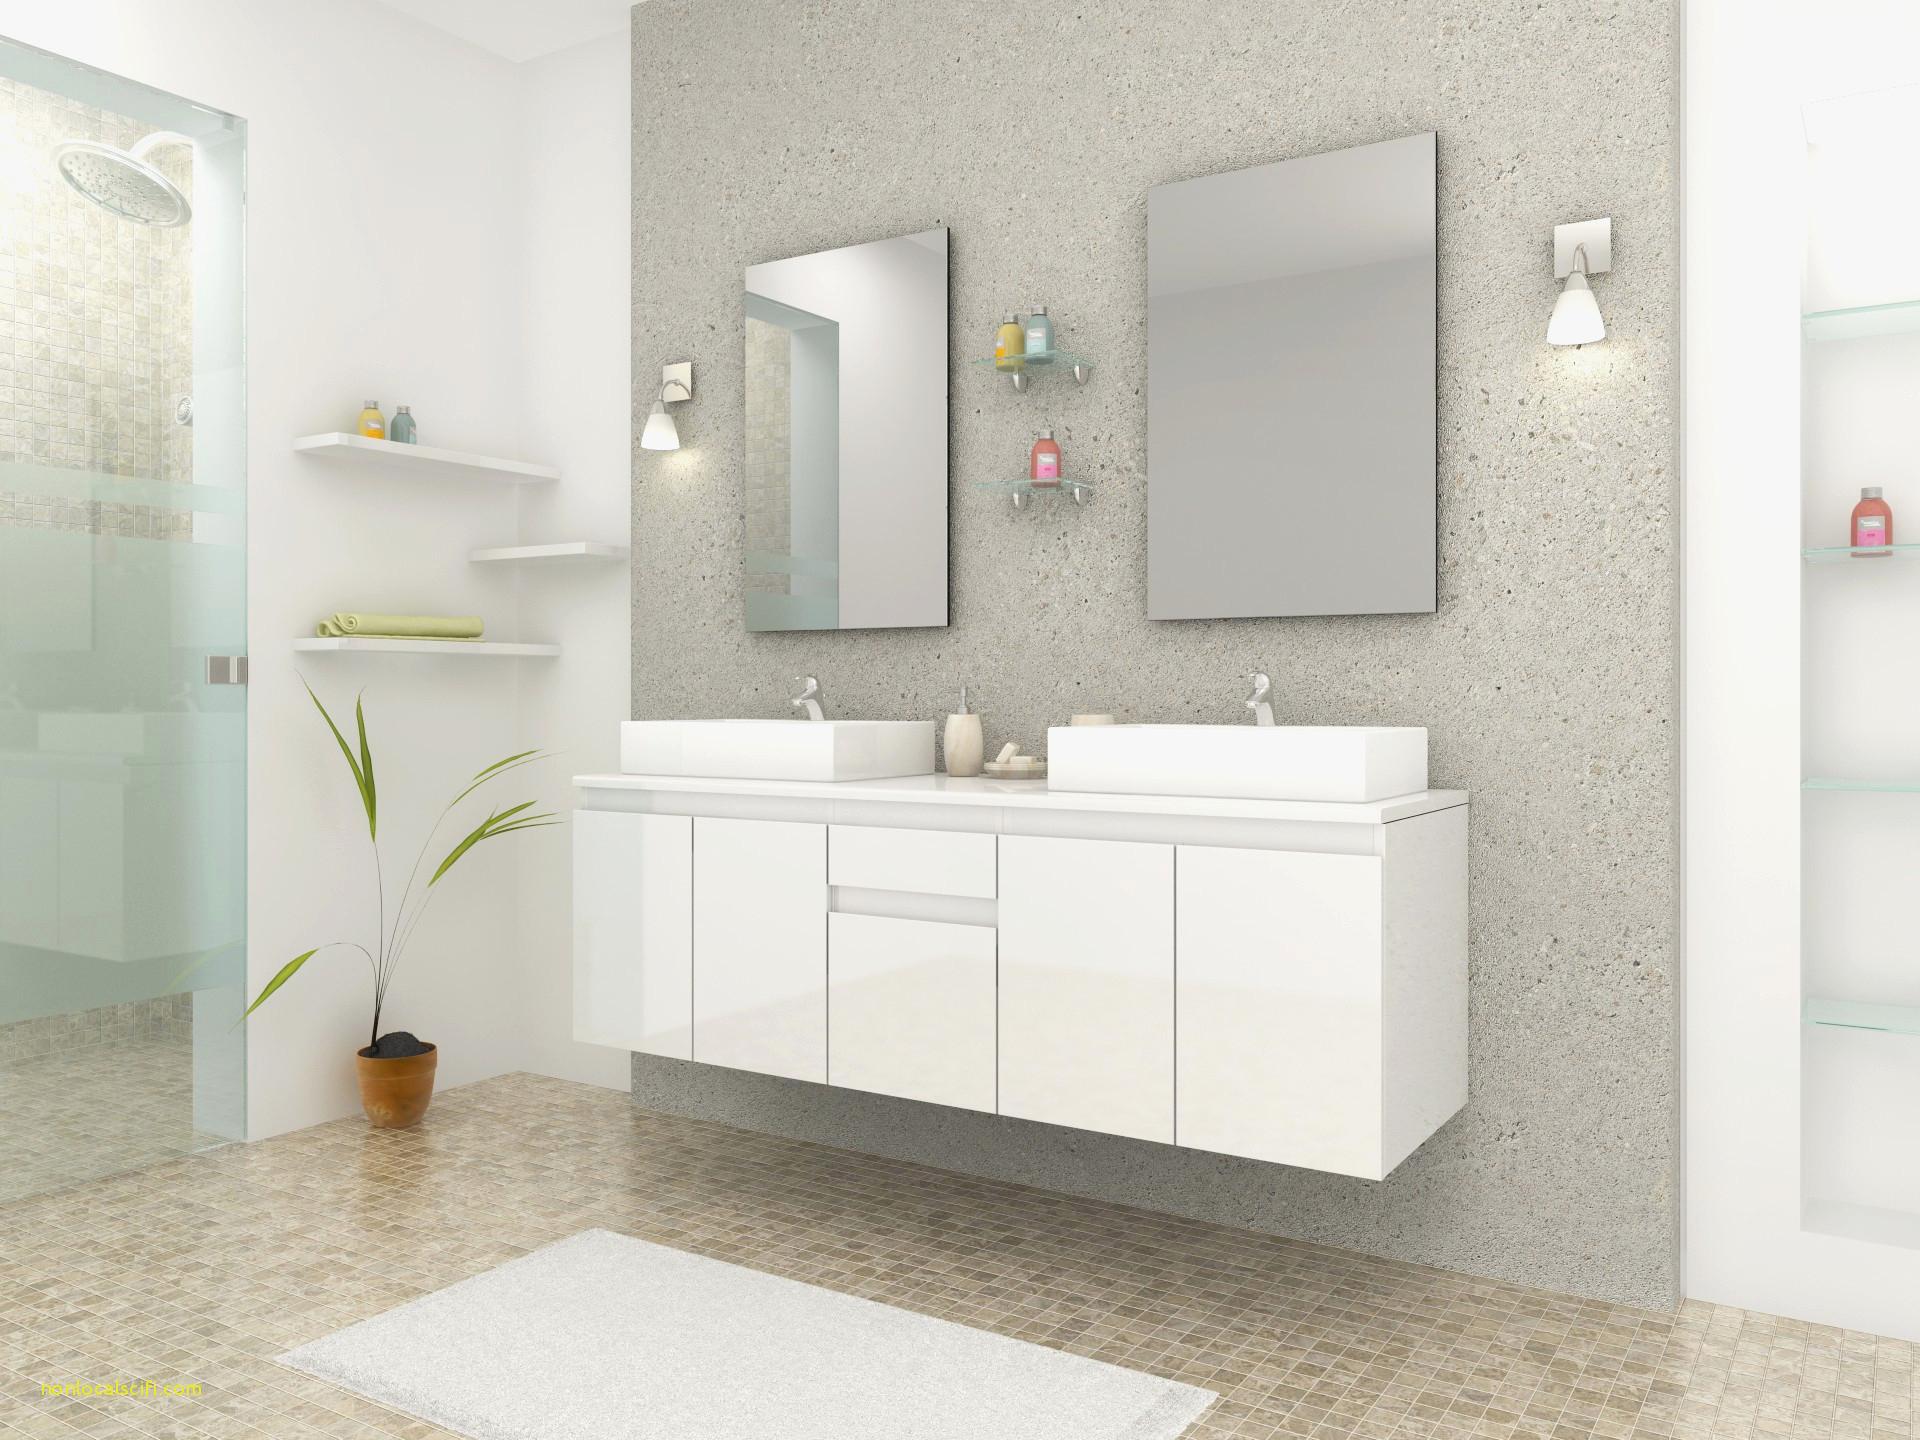 28 Concept Meuble Salle De Bain 100 Cm intérieur Vasque 100 Cm 2 Robinets